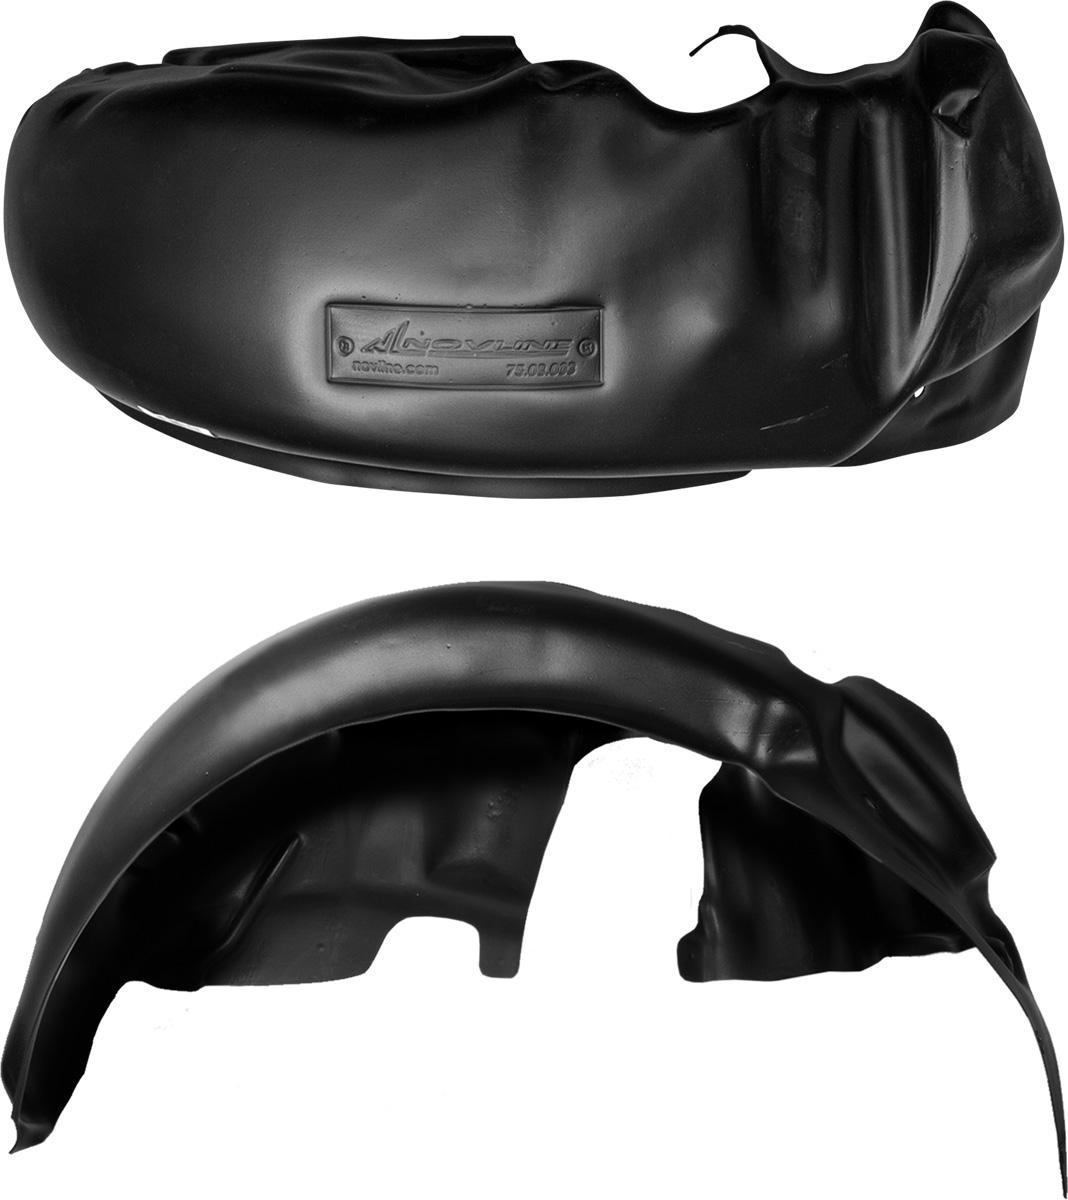 Подкрылок Novline-Autofamily, для Toyota Camry, 07/2006-2011, задний левыйREINWV535Колесные ниши - одни из самых уязвимых зон днища вашего автомобиля. Они постоянно подвергаются воздействию со стороны дороги. Лучшая, почти абсолютная защита для них - специально отформованные пластиковые кожухи, которые называются подкрылками. Производятся они как для отечественных моделей автомобилей, так и для иномарок. Подкрылки Novline-Autofamily выполнены из высококачественного, экологически чистого пластика. Обеспечивают надежную защиту кузова автомобиля от пескоструйного эффекта и негативного влияния, агрессивных антигололедных реагентов. Пластик обладает более низкой теплопроводностью, чем металл, поэтому в зимний период эксплуатации использование пластиковых подкрылков позволяет лучше защитить колесные ниши от налипания снега и образования наледи. Оригинальность конструкции подчеркивает элегантность автомобиля, бережно защищает нанесенное на днище кузова антикоррозийное покрытие и позволяет осуществить крепление подкрылков внутри колесной арки практически без дополнительного крепежа и сверления, не нарушая при этом лакокрасочного покрытия, что предотвращает возникновение новых очагов коррозии. Подкрылки долговечны, обладают высокой прочностью и сохраняют заданную форму, а также все свои физико-механические характеристики в самых тяжелых климатических условиях (от -50°С до +50°С).Уважаемые клиенты!Обращаем ваше внимание, на тот факт, что подкрылок имеет форму, соответствующую модели данного автомобиля. Фото служит для визуального восприятия товара.